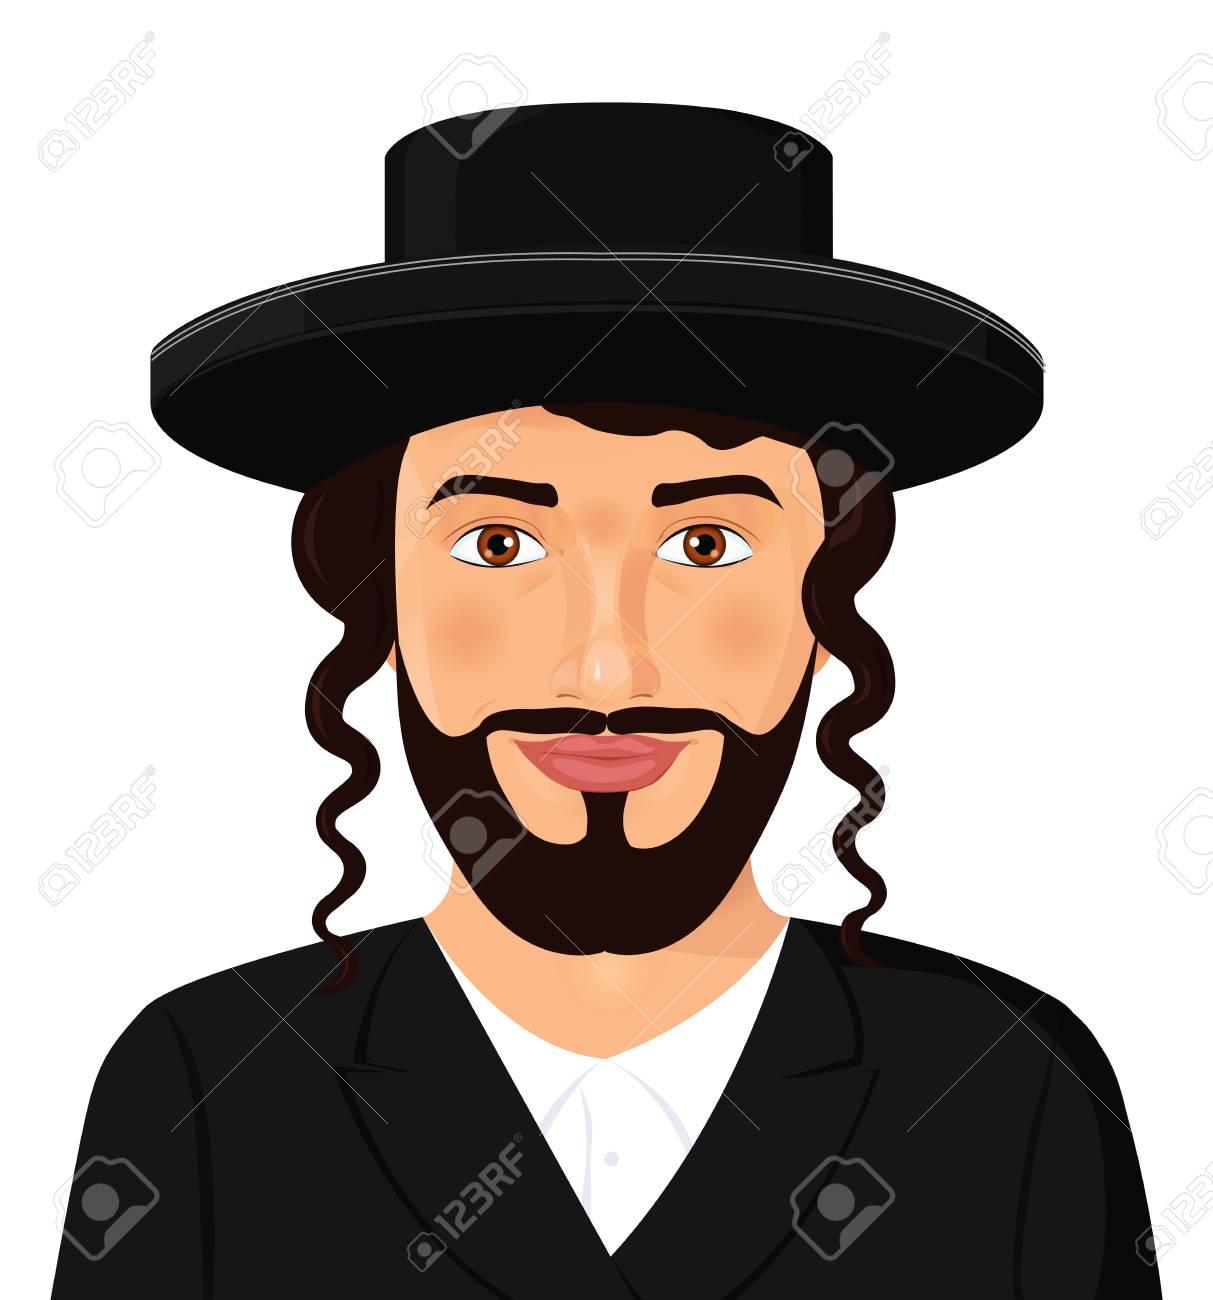 Foto de archivo retrato de hombre judío ortodoxo con sombrero en un traje  negro jpg 1213x1300 e7152417c0e